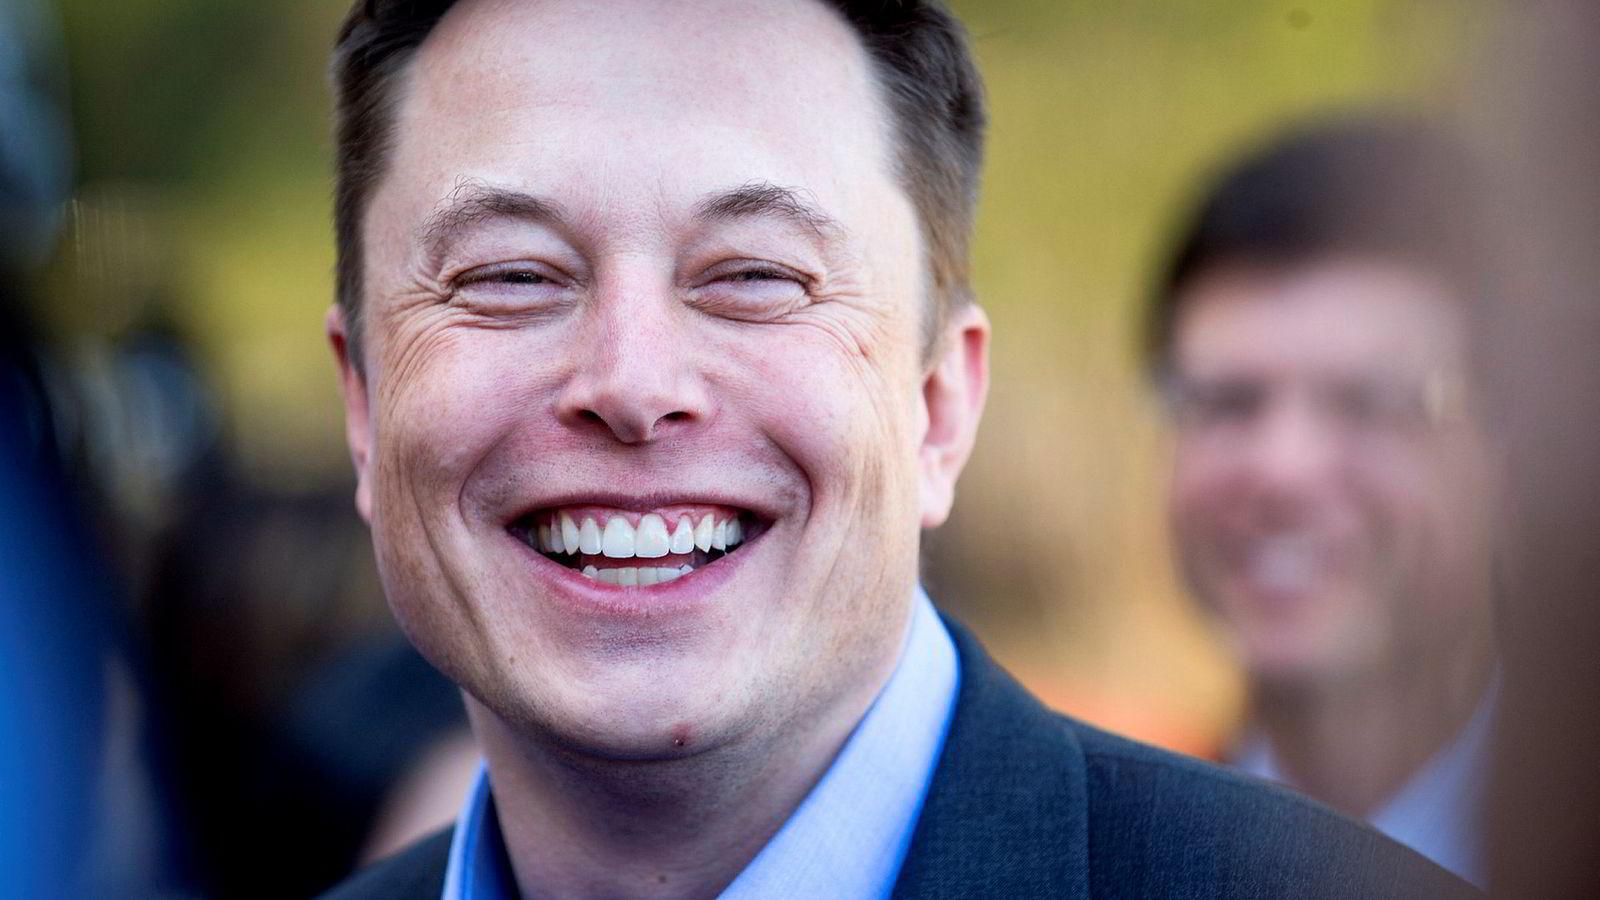 Teslas grunnlegger og toppsjef Elon Musk kan smile etter at Tesla slo tilbake mot shorterne og steg 16 prosent på børs torsdag kveld.